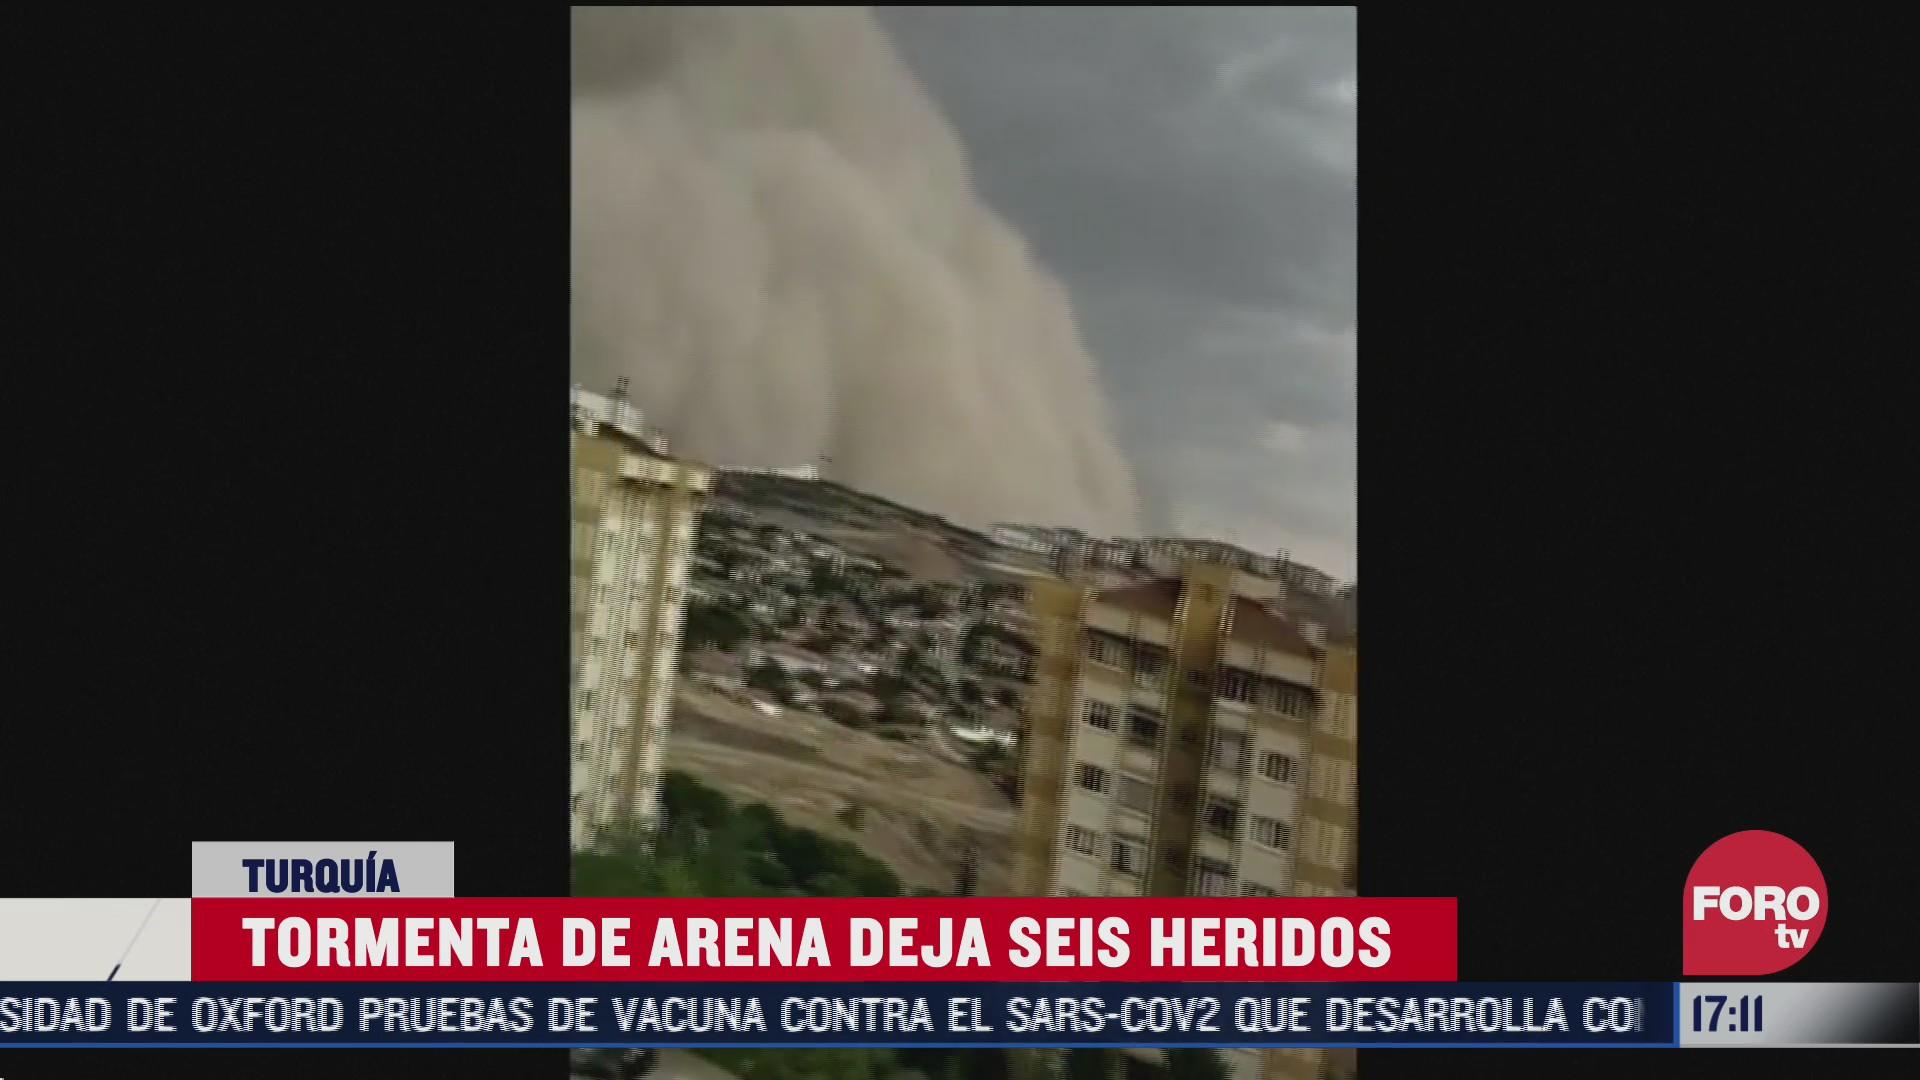 enorme tormenta de arena deja heridos en turquia